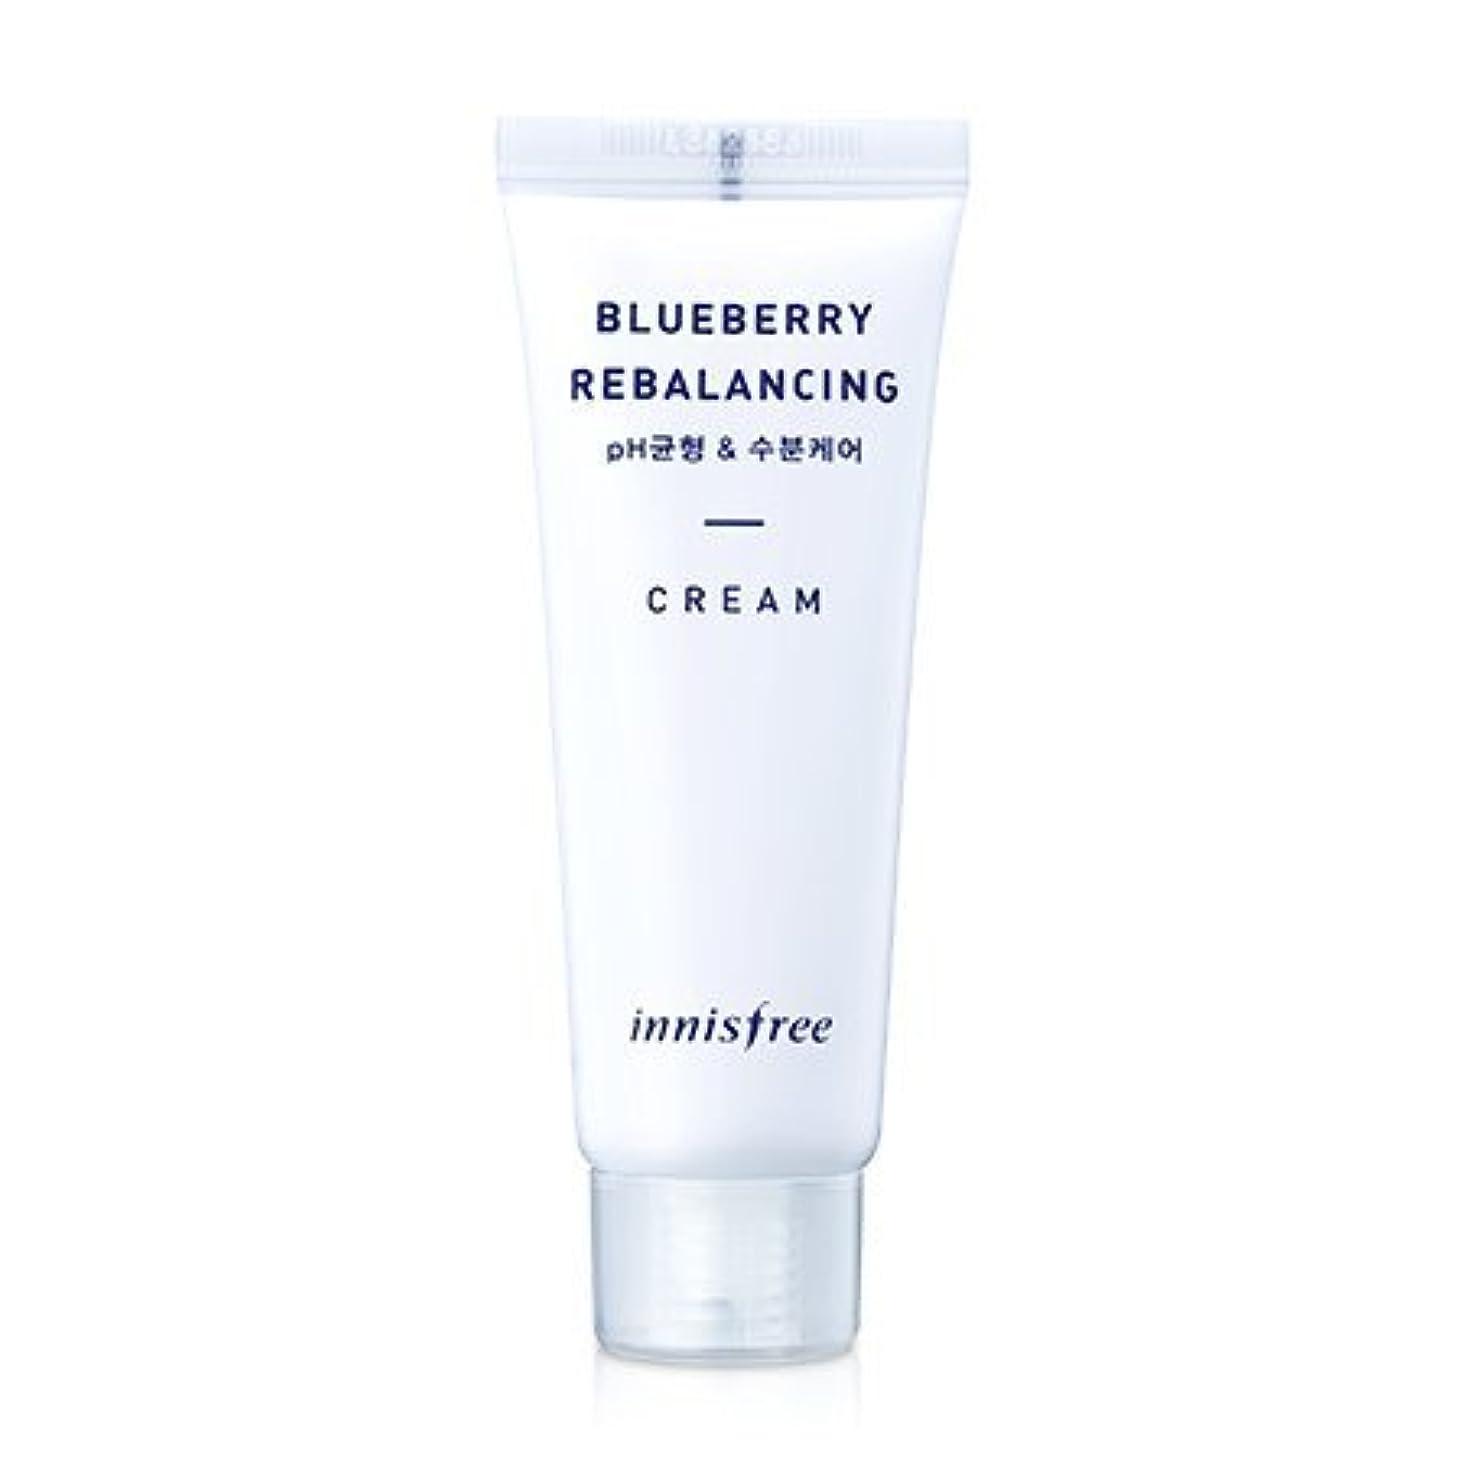 取得する不足ゲージ[innisfree(イニスフリー)] Super food_ Blueberry rebalancing cream (50ml) スーパーフード_ブルーベリーリベルロンシンクリーム[並行輸入品][海外直送品]